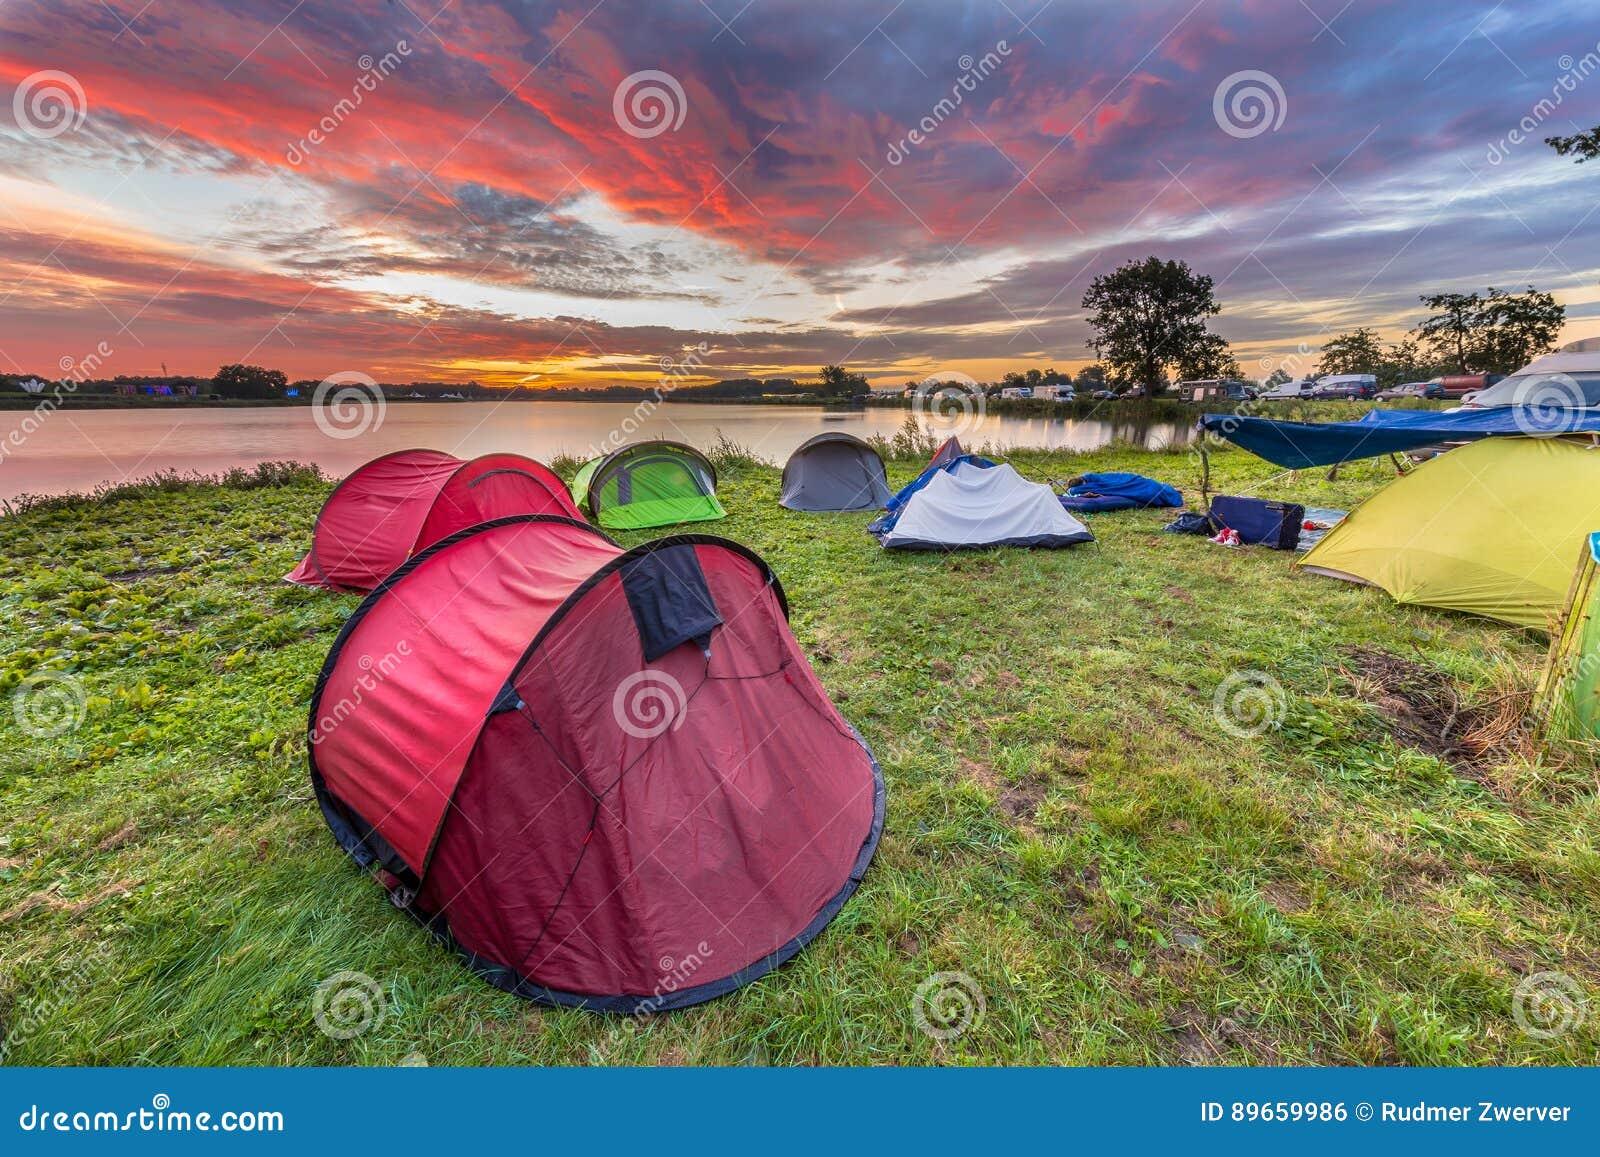 野营在湖附近的圆顶帐篷